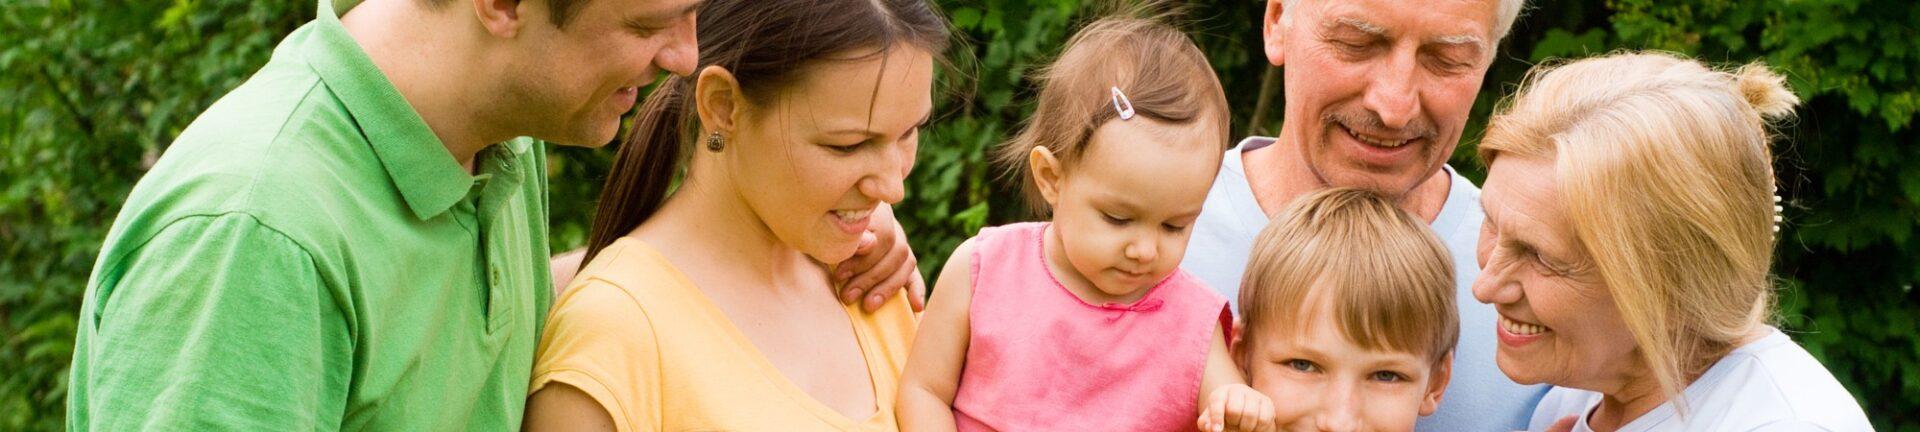 familie-ældre-koflikter-voksnebørn-psykologi-psykiatri-vivihinrichs-århus